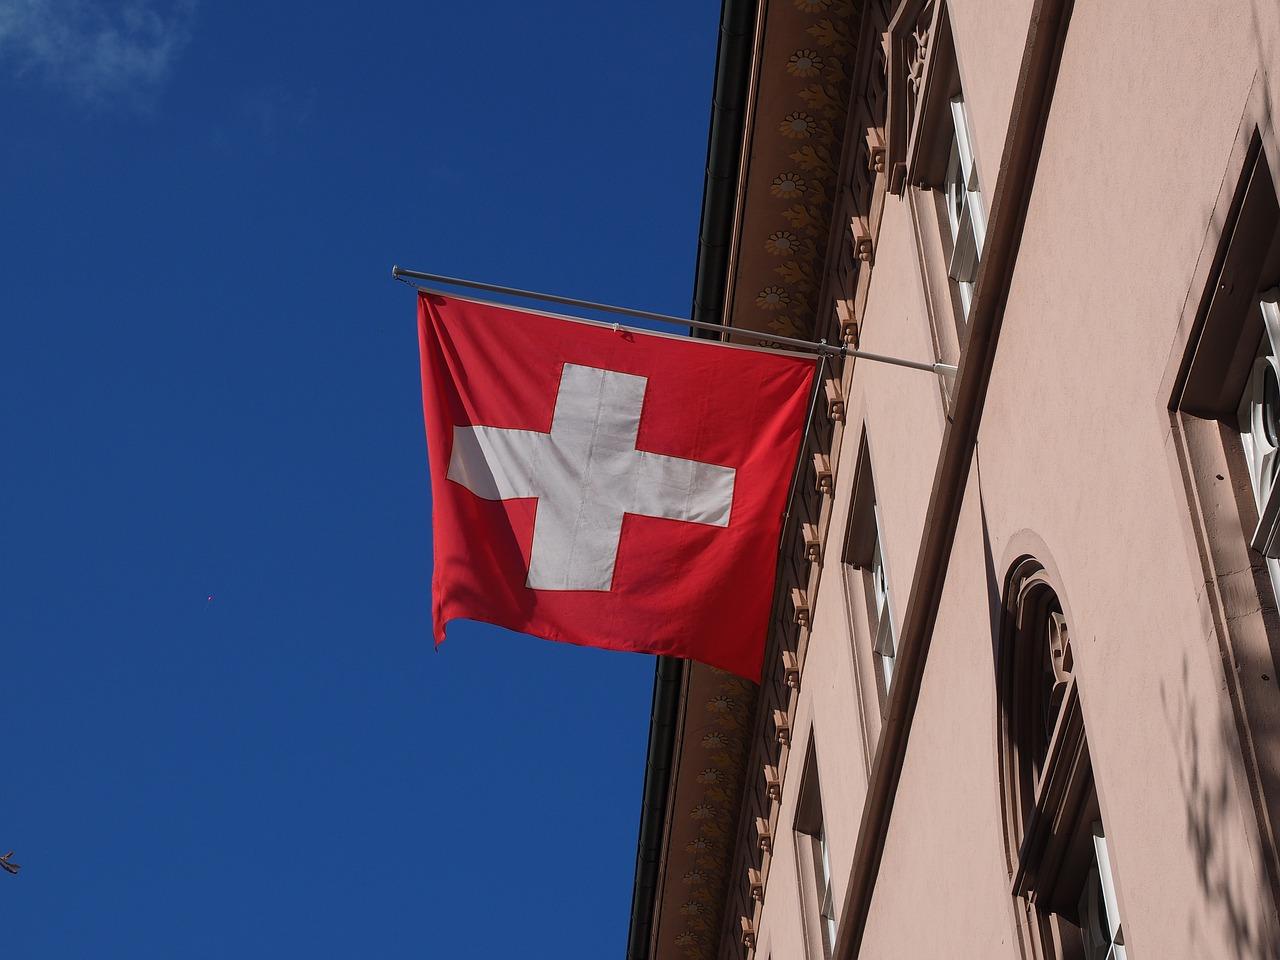 Le variant britannique de la covid-19 a été détecté dans la République et Canton du Jura, en Suisse. Cinq cas ont été recensés actuellement. Les autorités sont très inquiètes.